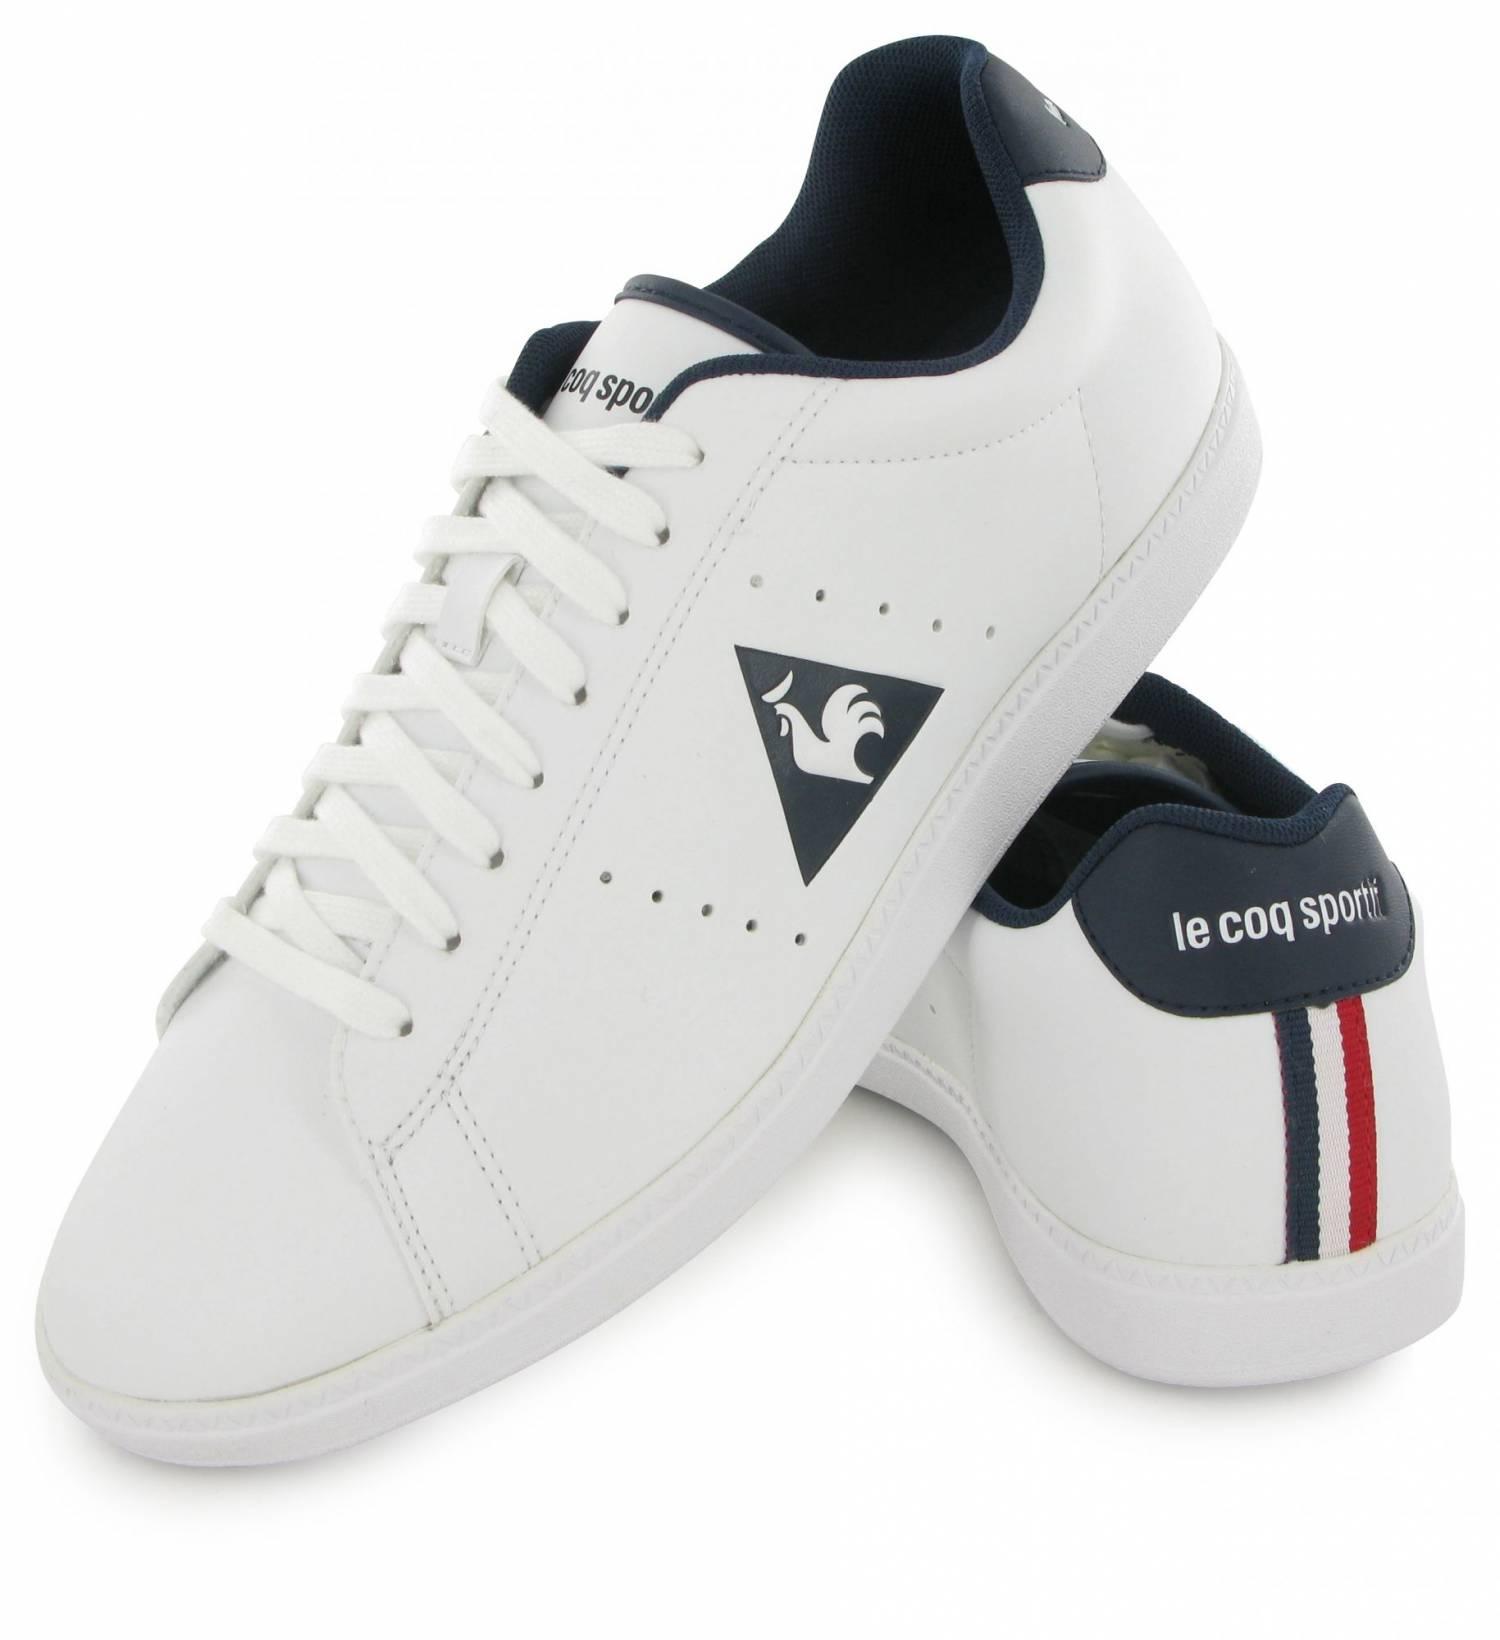 Le Coq Sportif Courtone S Leather White & Blue